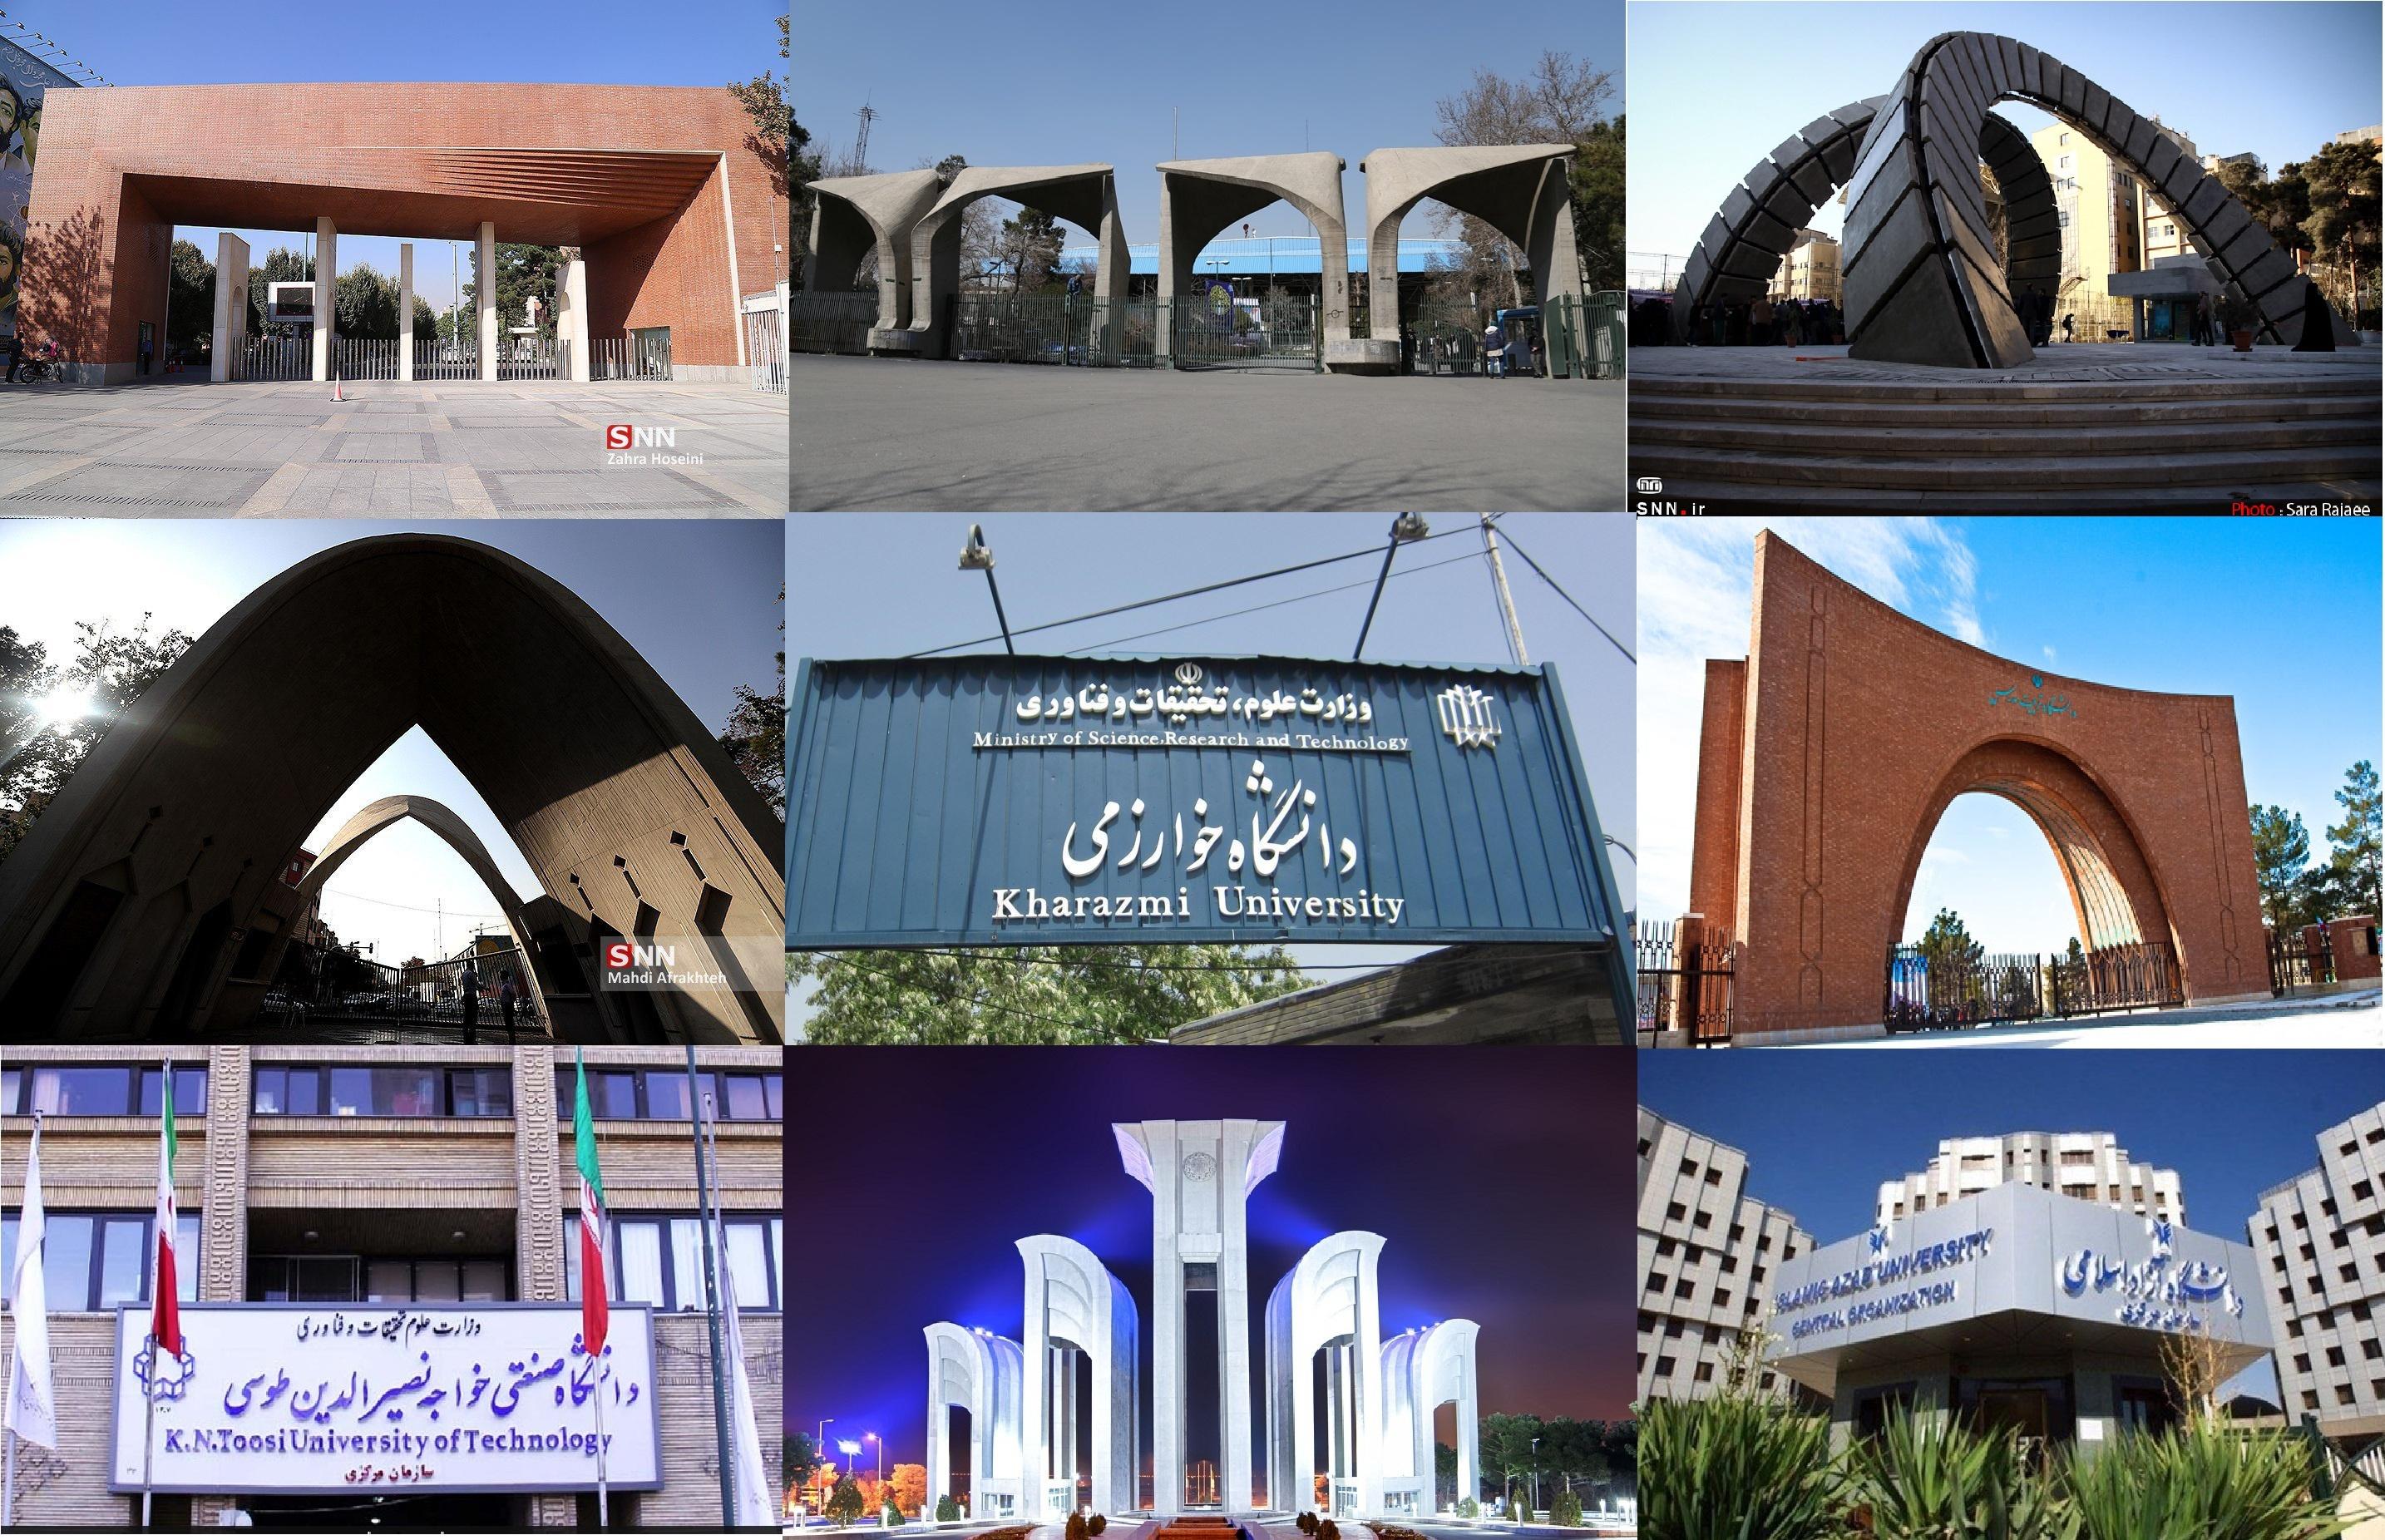 لیست دانشگاه ها و مراکز آموزش عالی تهران